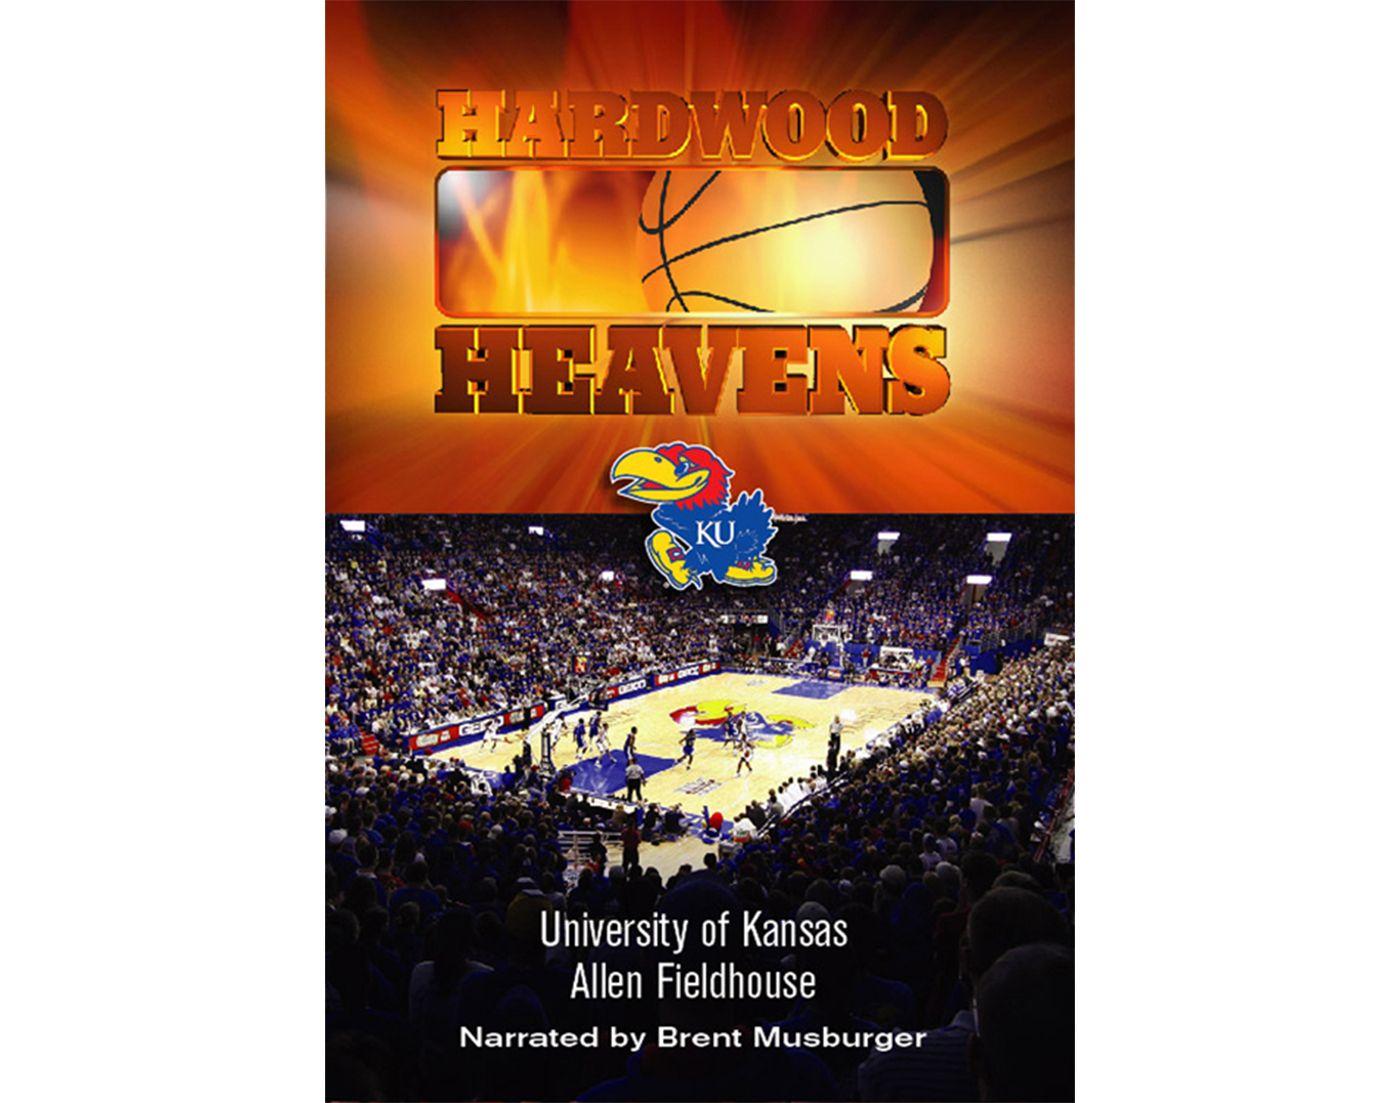 Hardwood Heavens: University of Kansas: Allen Fieldhouse DVD